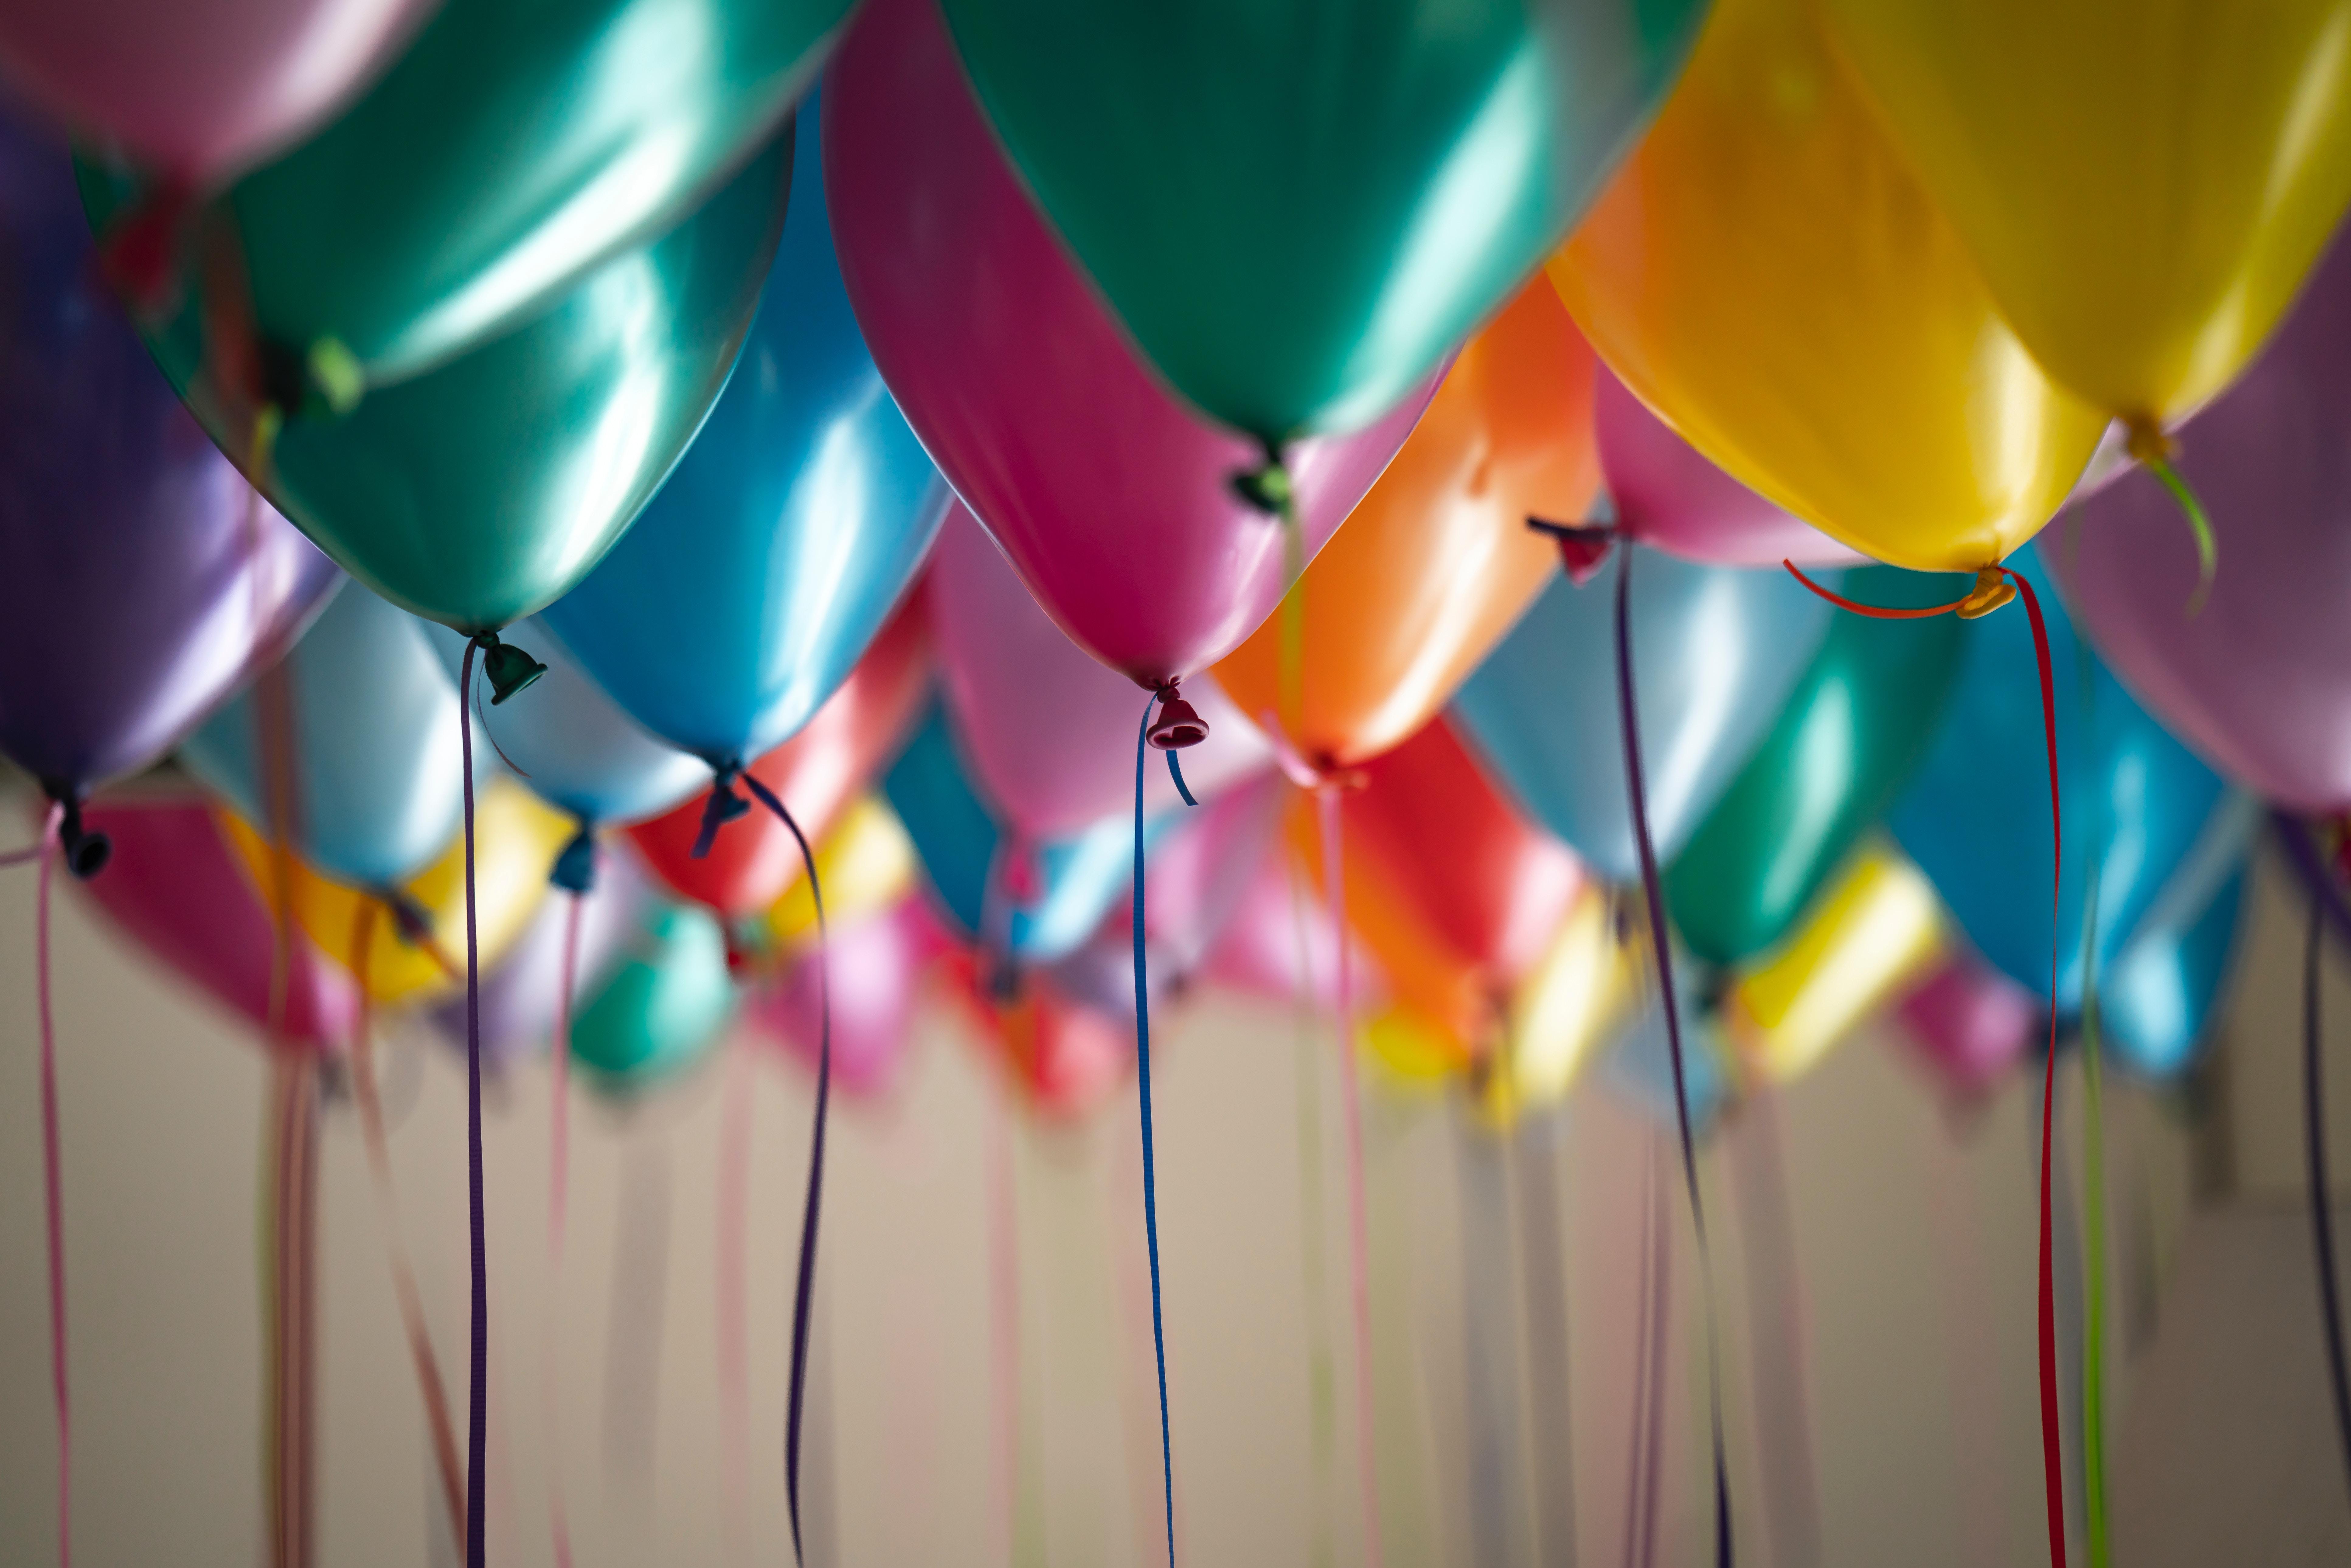 Du kan let skabe en sjov børnefødselsdag uden det koster kassen